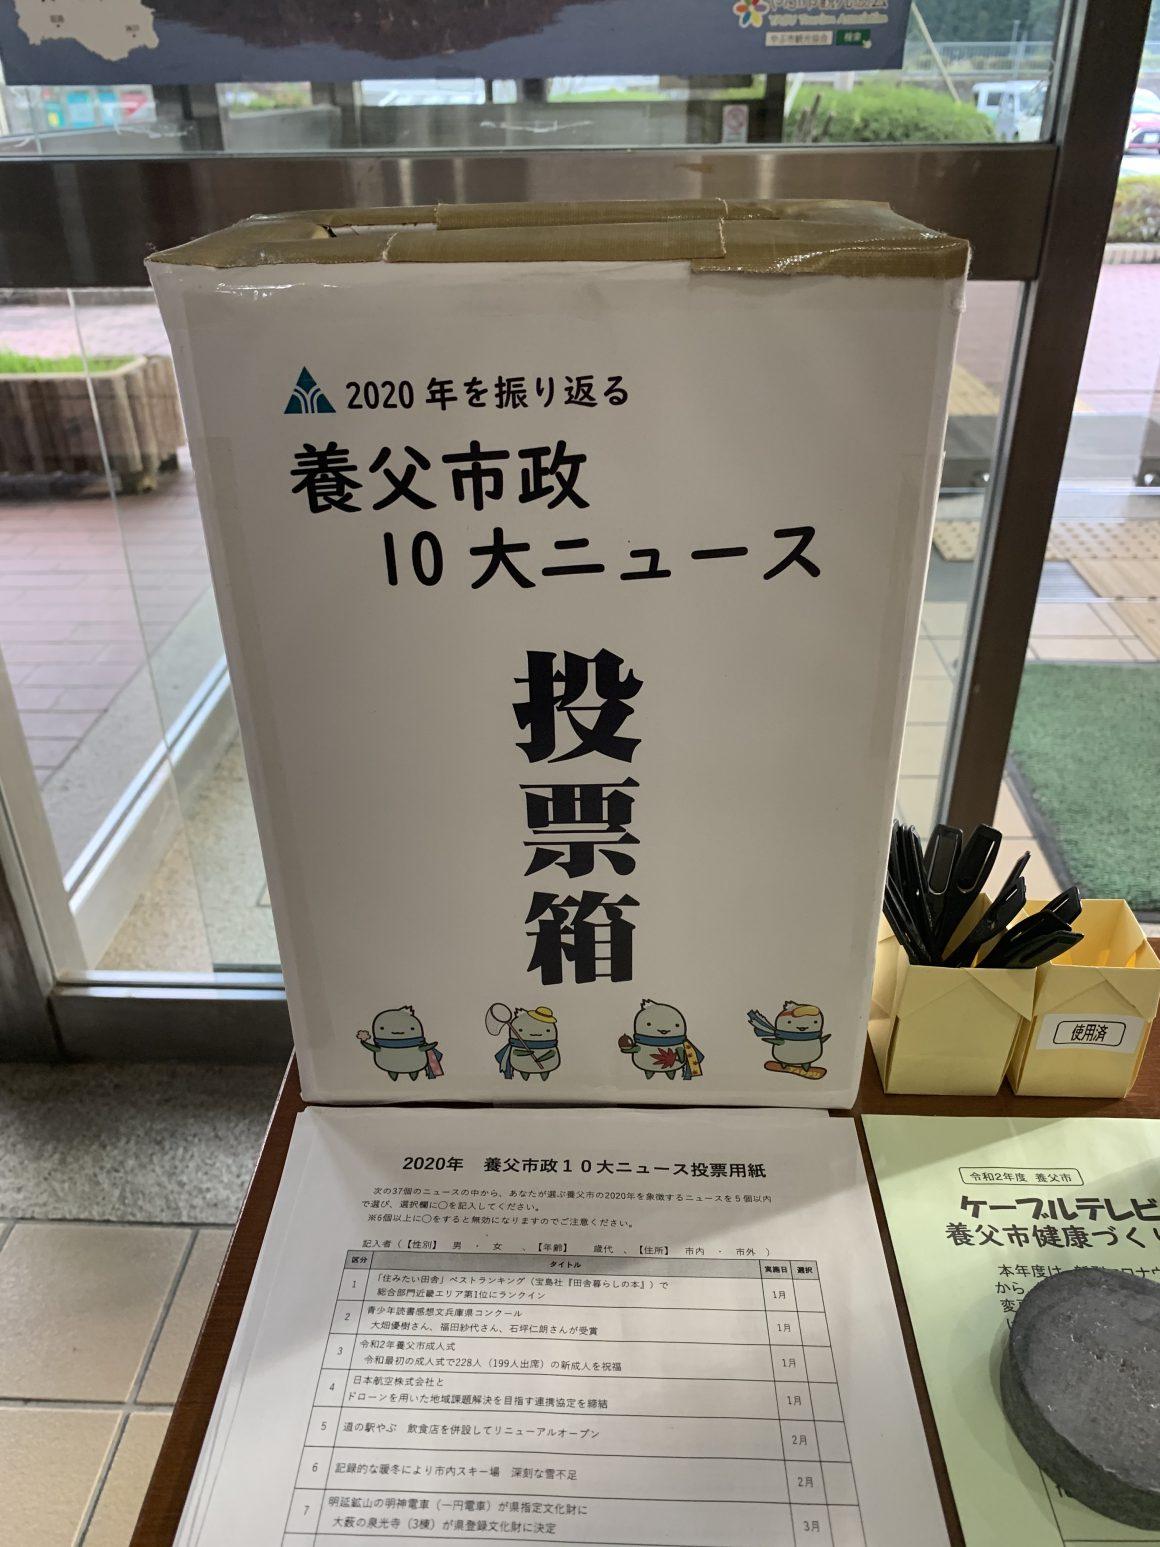 養父市市政10大ニュースの投票箱を養父市市役所で発見